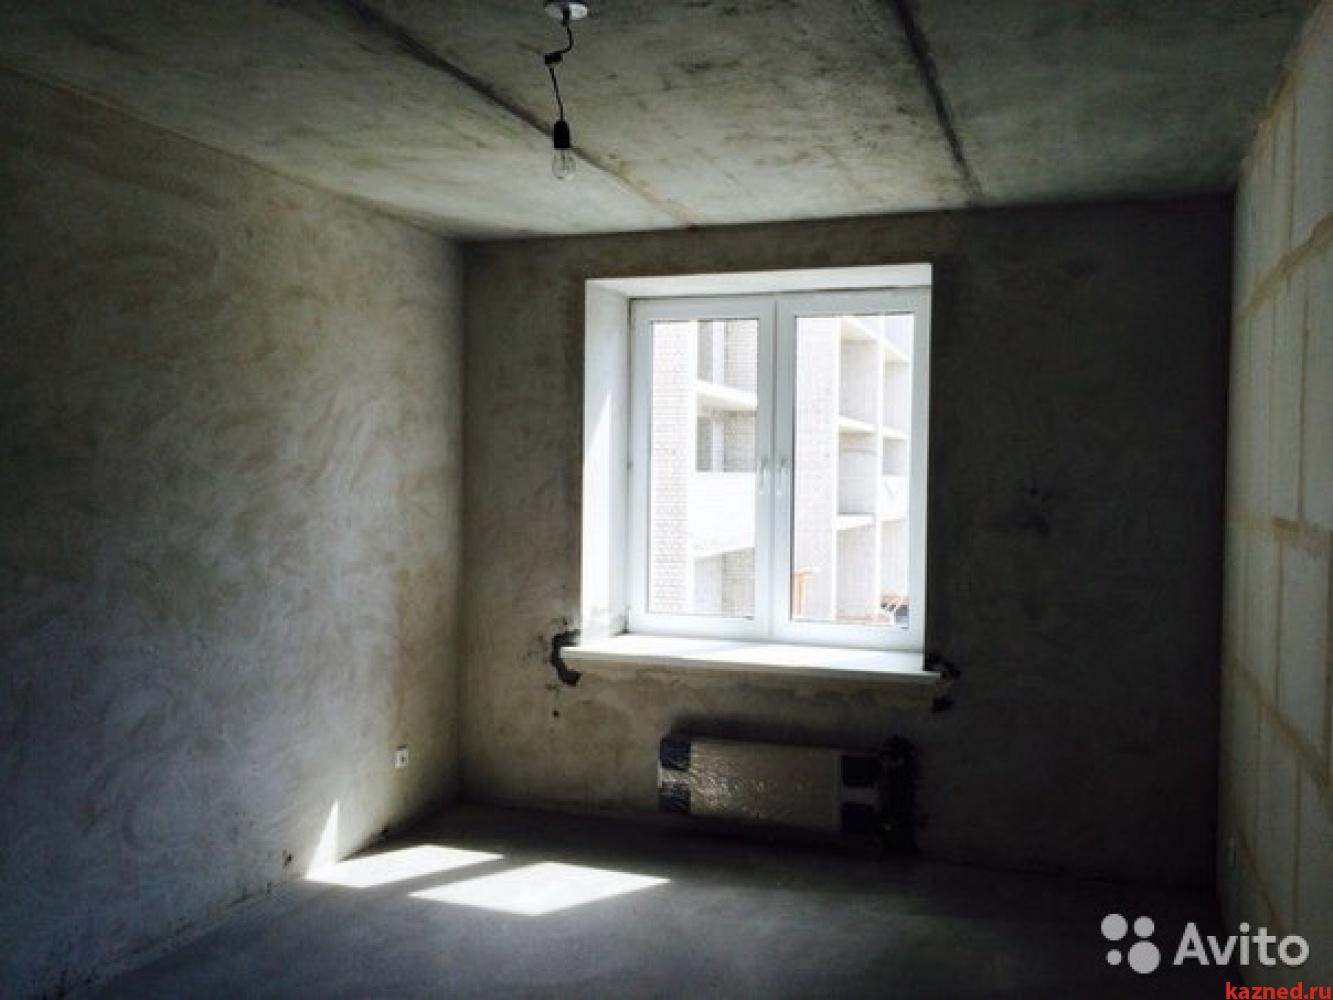 Продажа 2-к квартиры Мамадышский тракт Весна, 56 м2  (миниатюра №8)